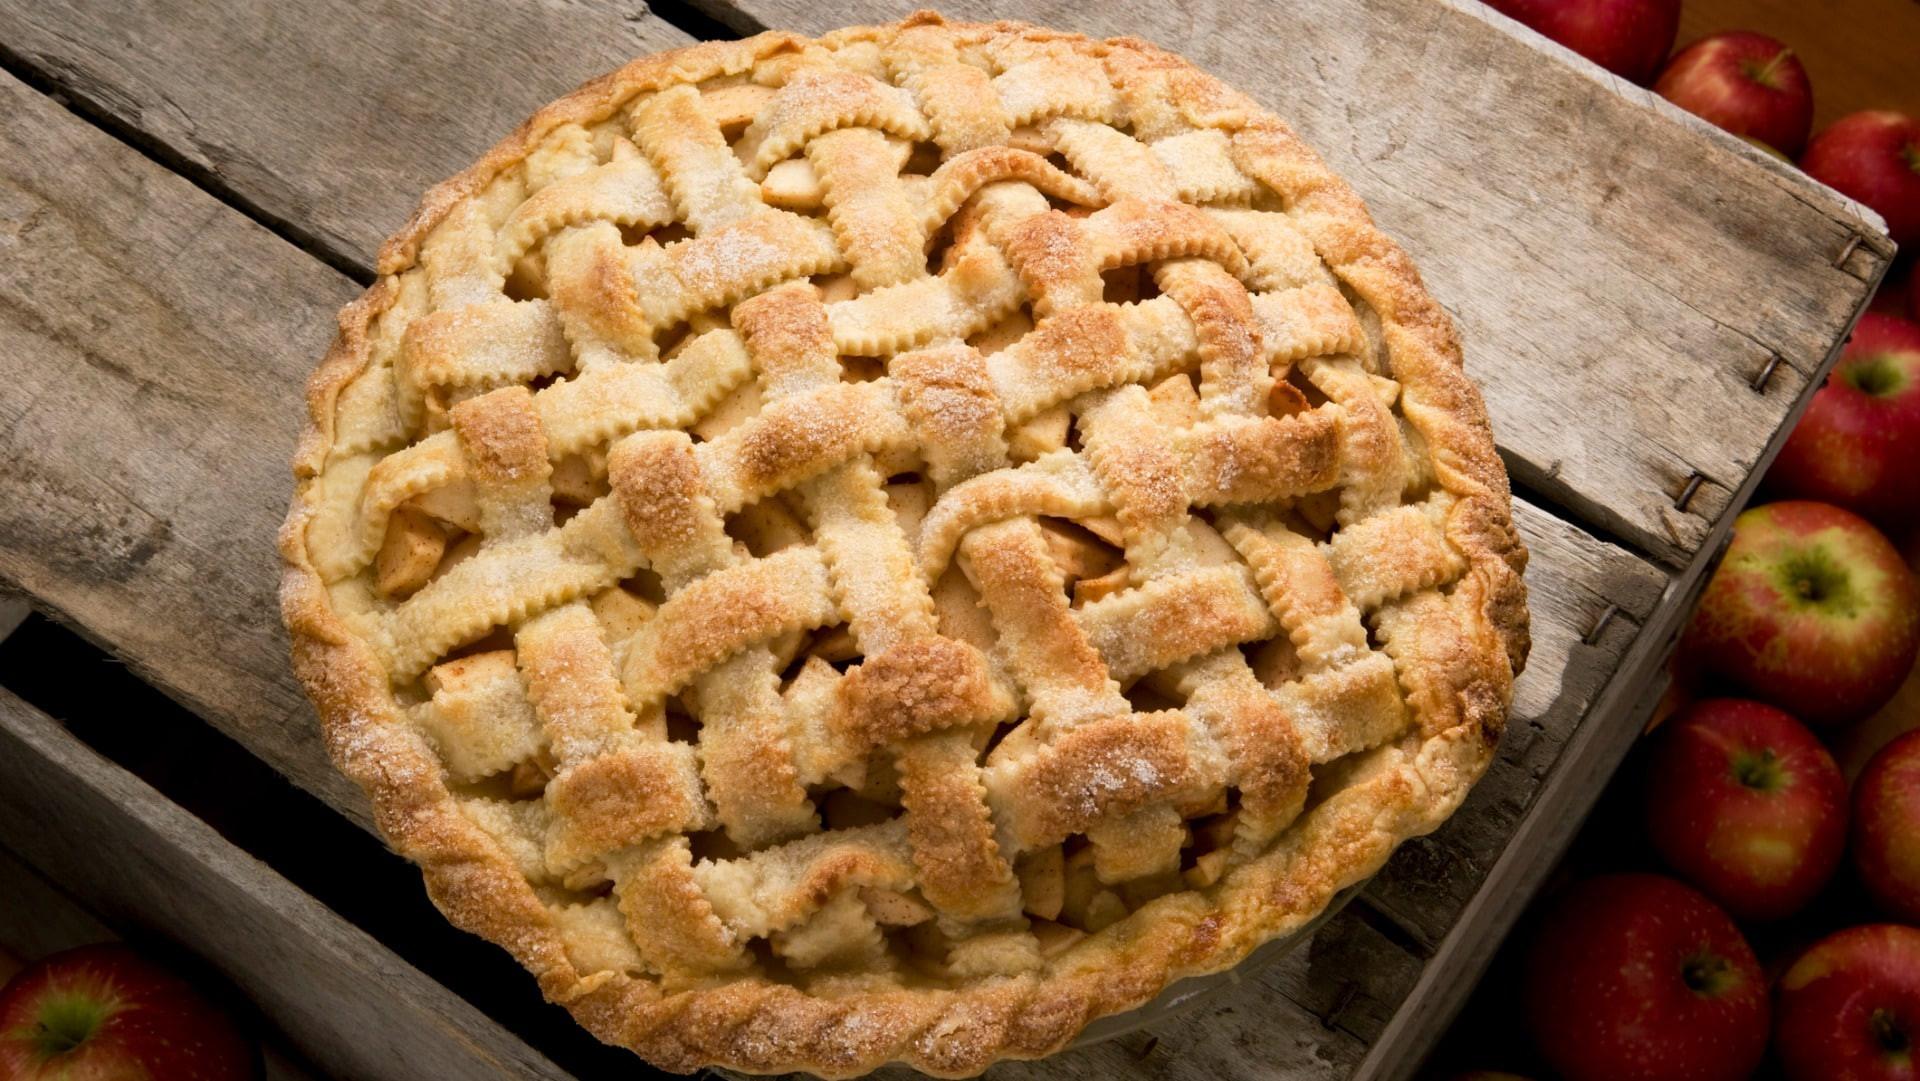 Apple Rhubarb Pie  Apple Rhubarb Pie Is a Modern Twist on a Classic Recipe